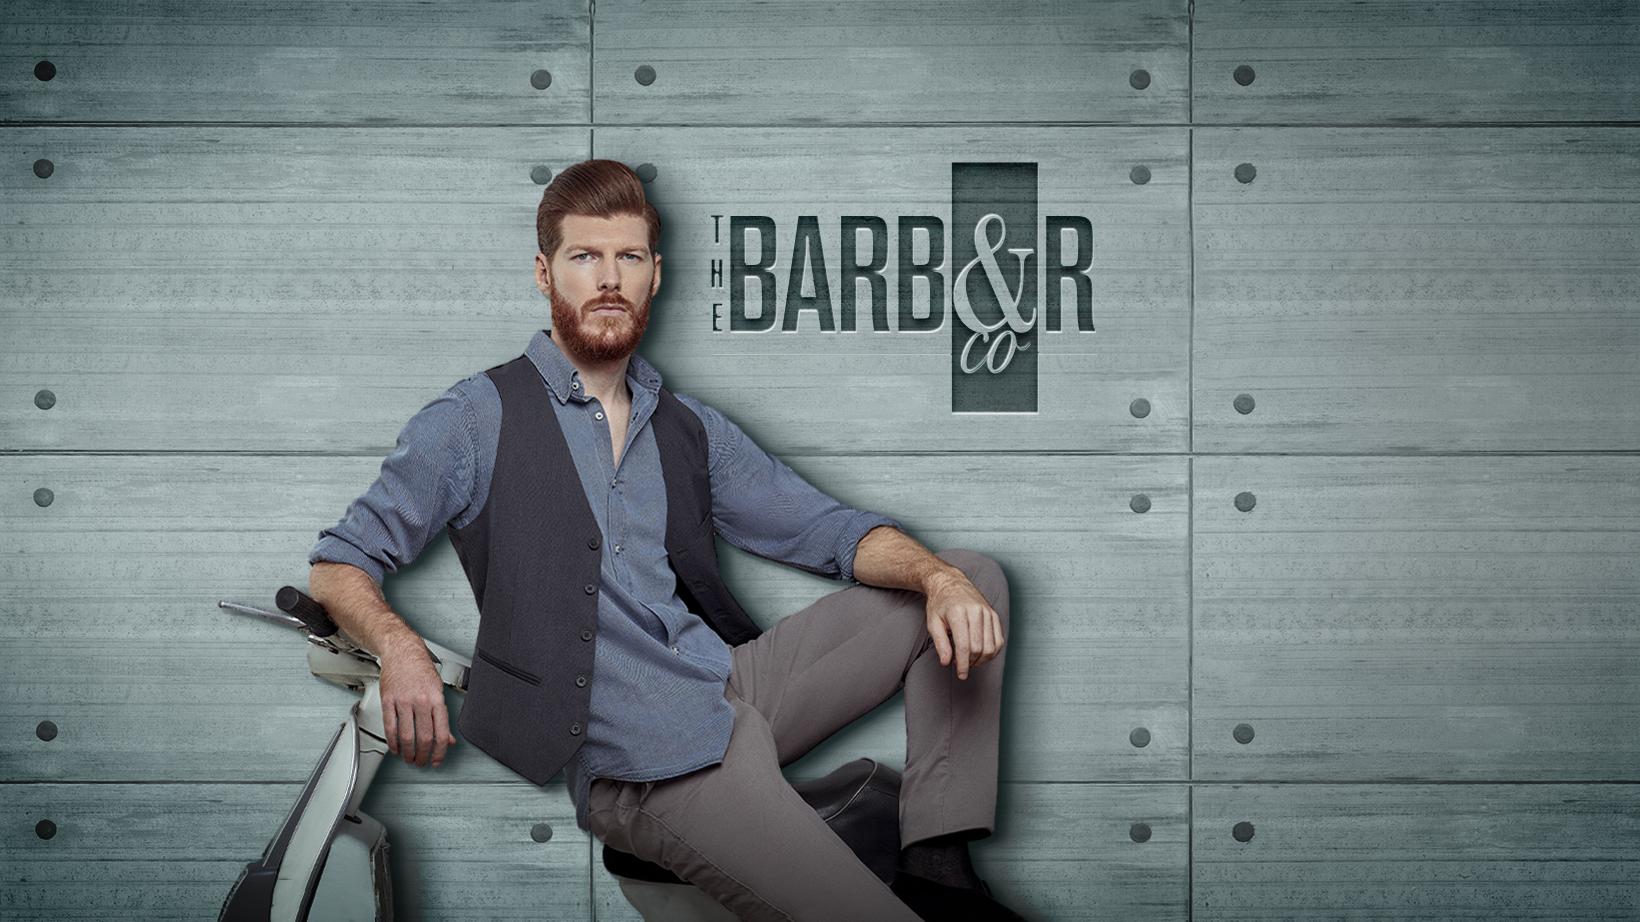 The Barber & CO Varese CC Le Corti